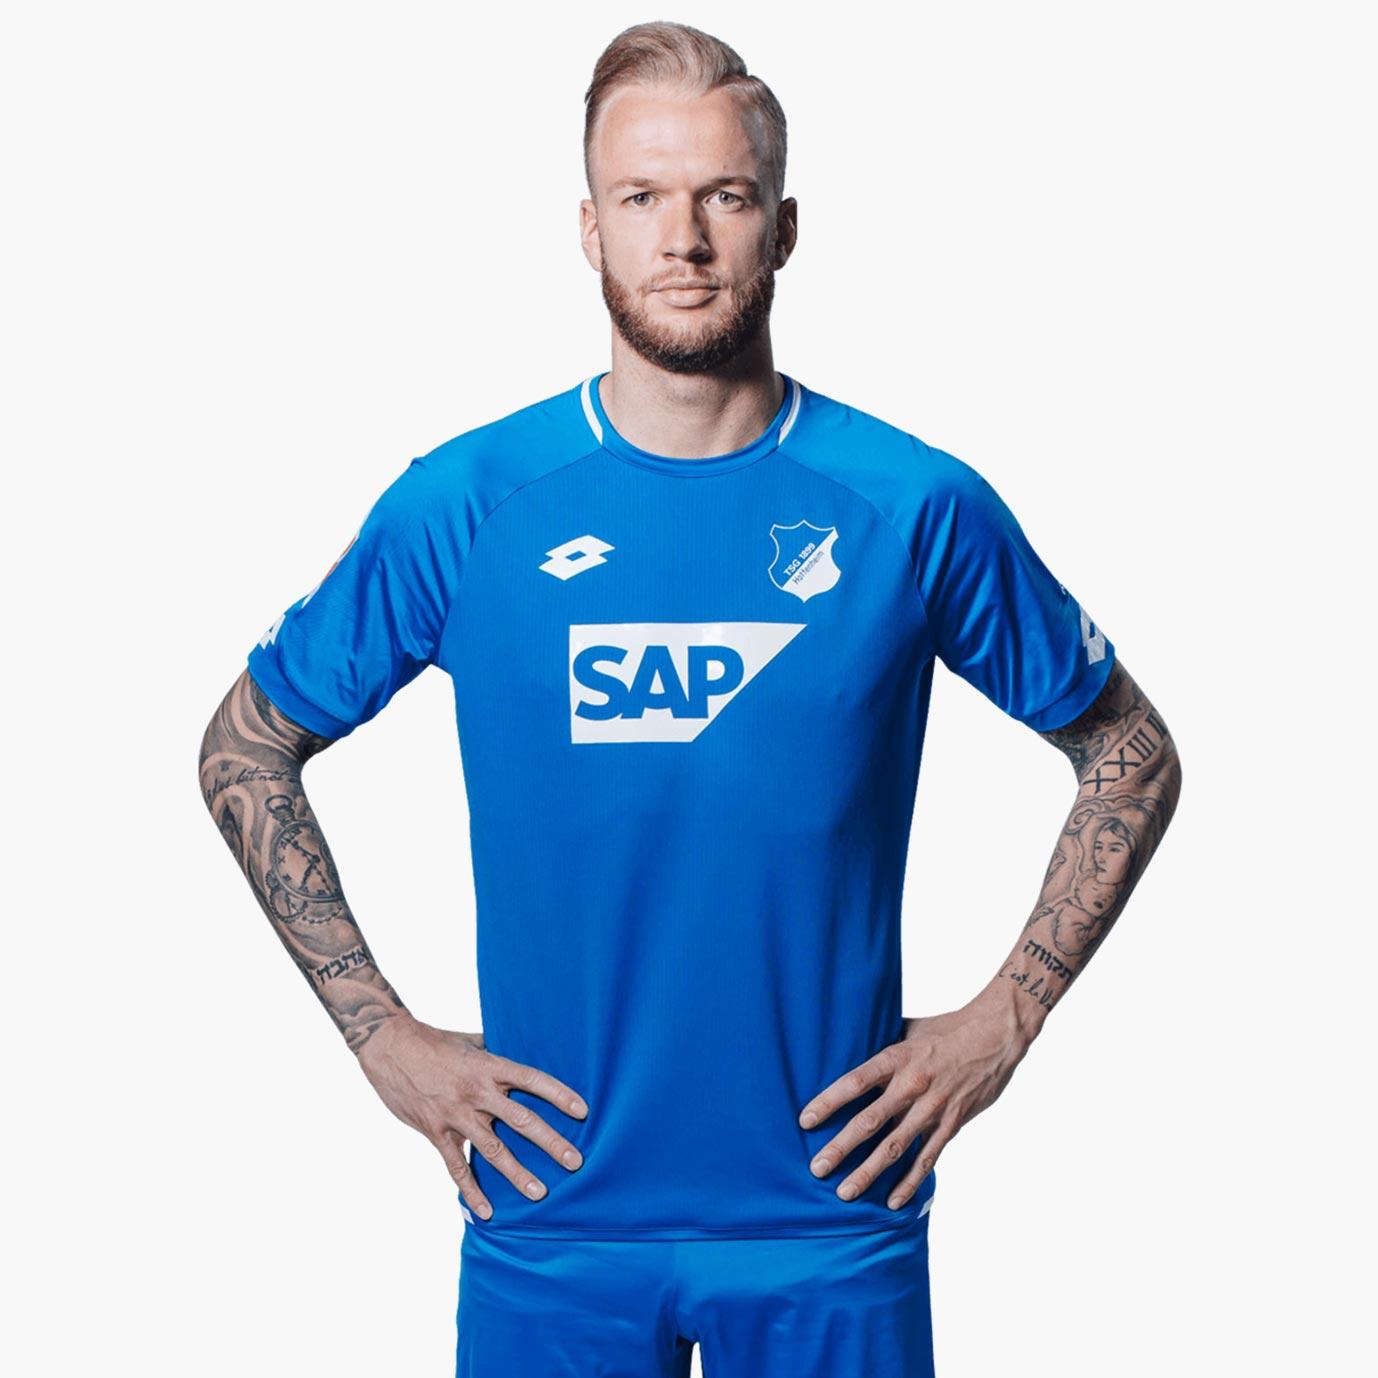 hoffenheim-18-19-kit%2B%25283%2529.jpg